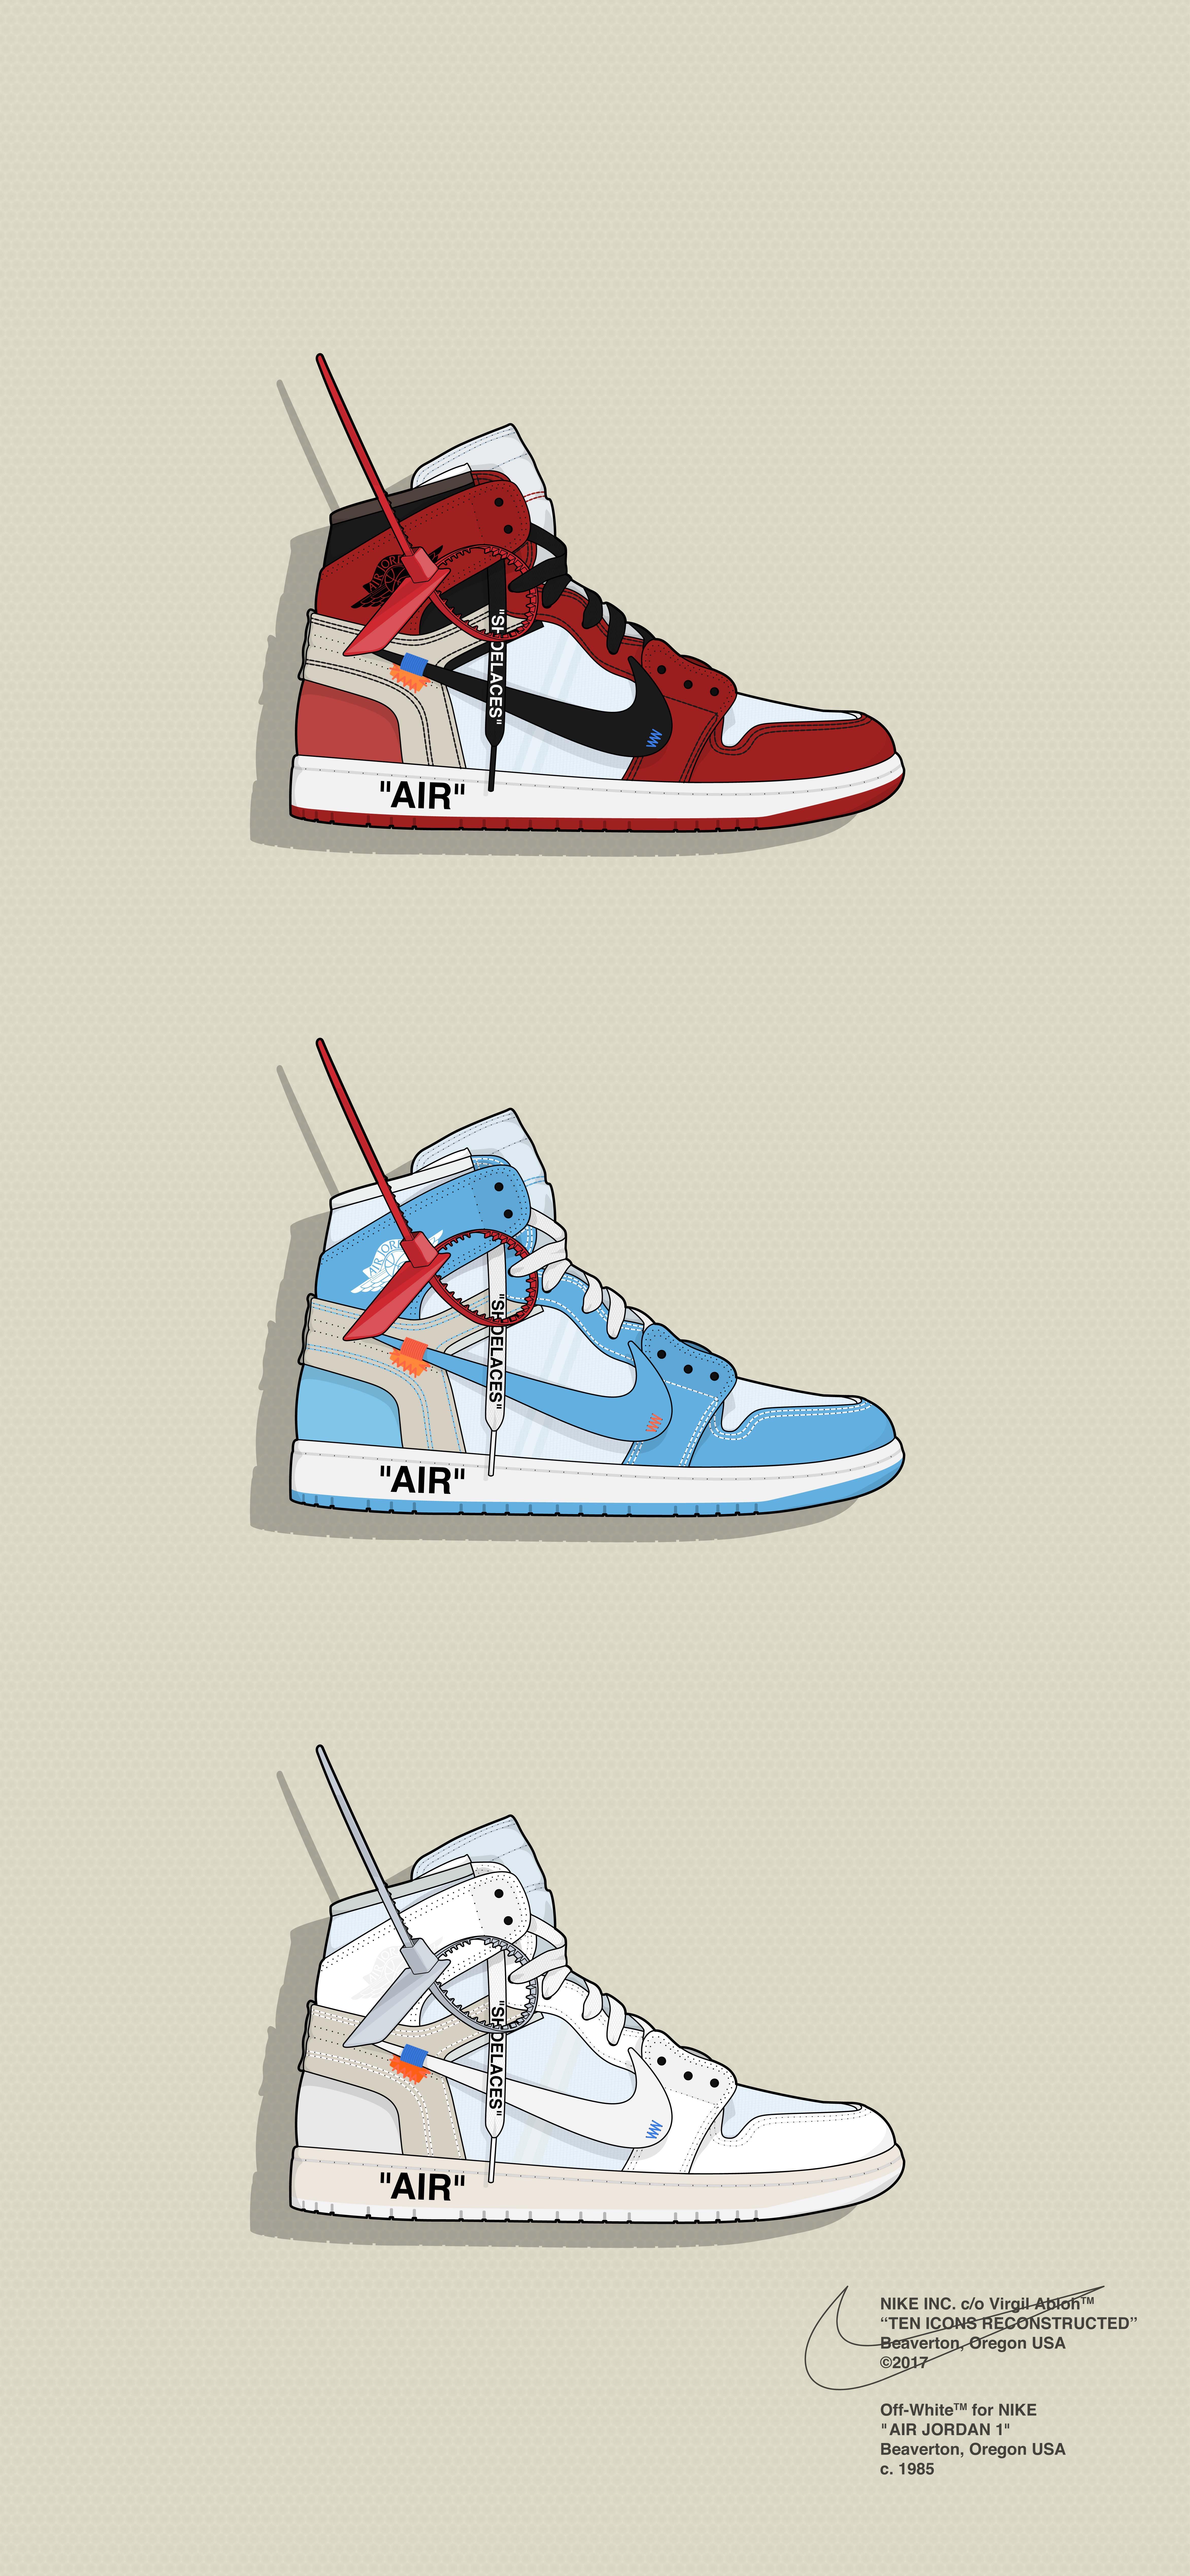 Air Jordan 1 Wallpaper Posted By Ryan Simpson